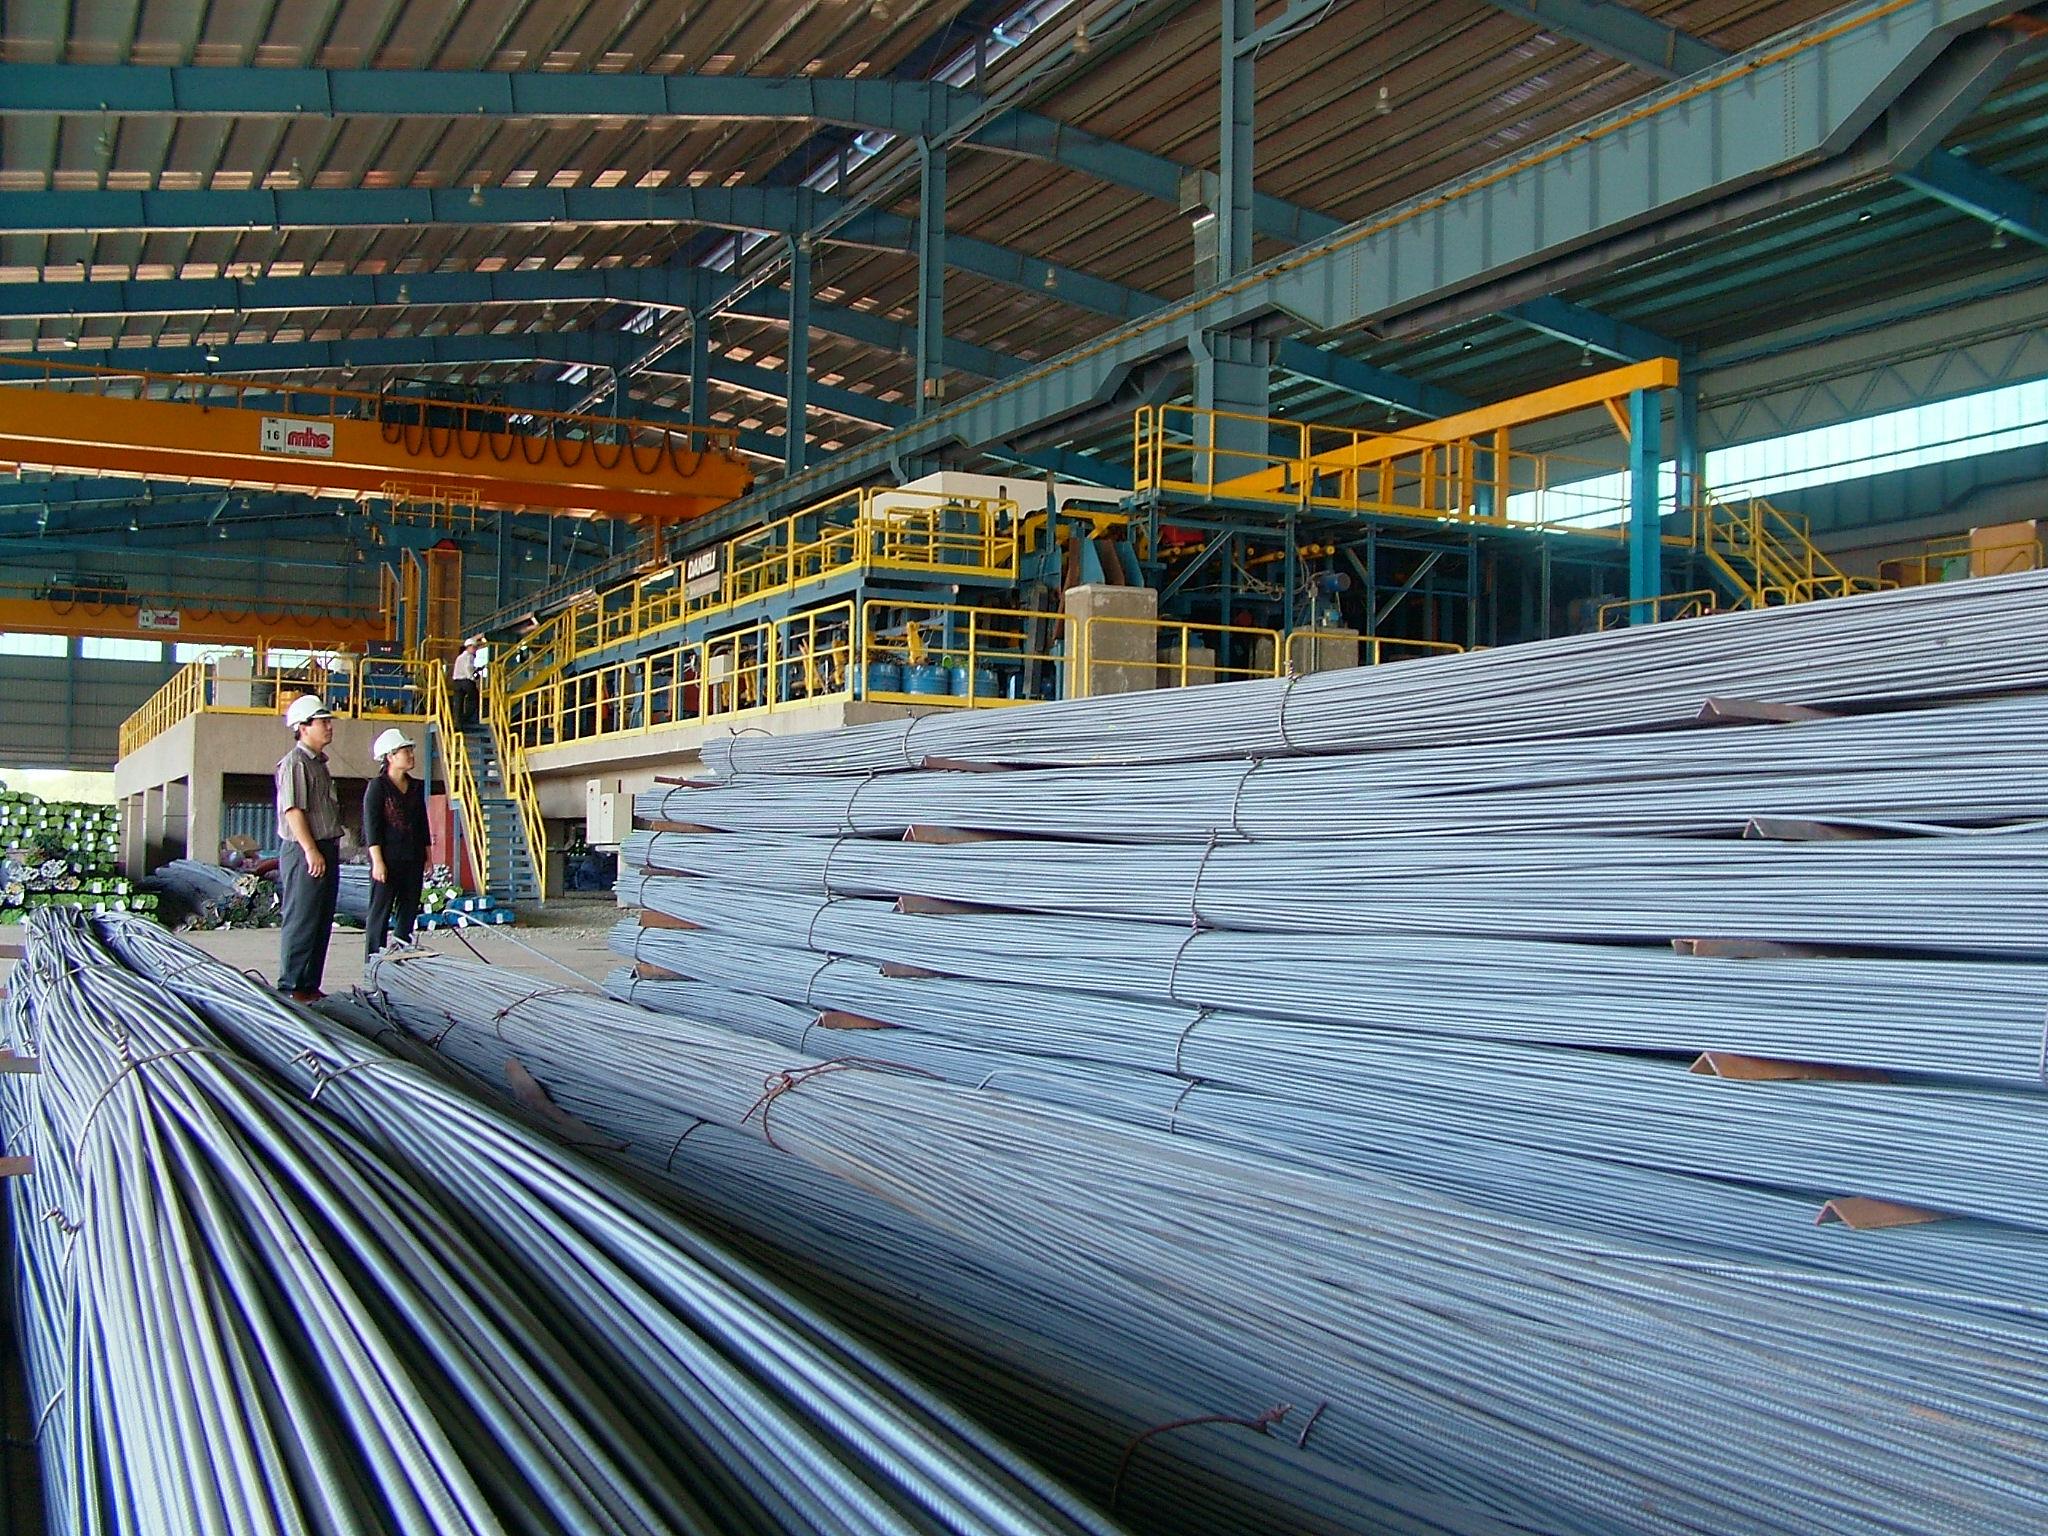 Hỗ trợ làm giấy chứng nhận chất lượng thép sản xuất nhanh chóng